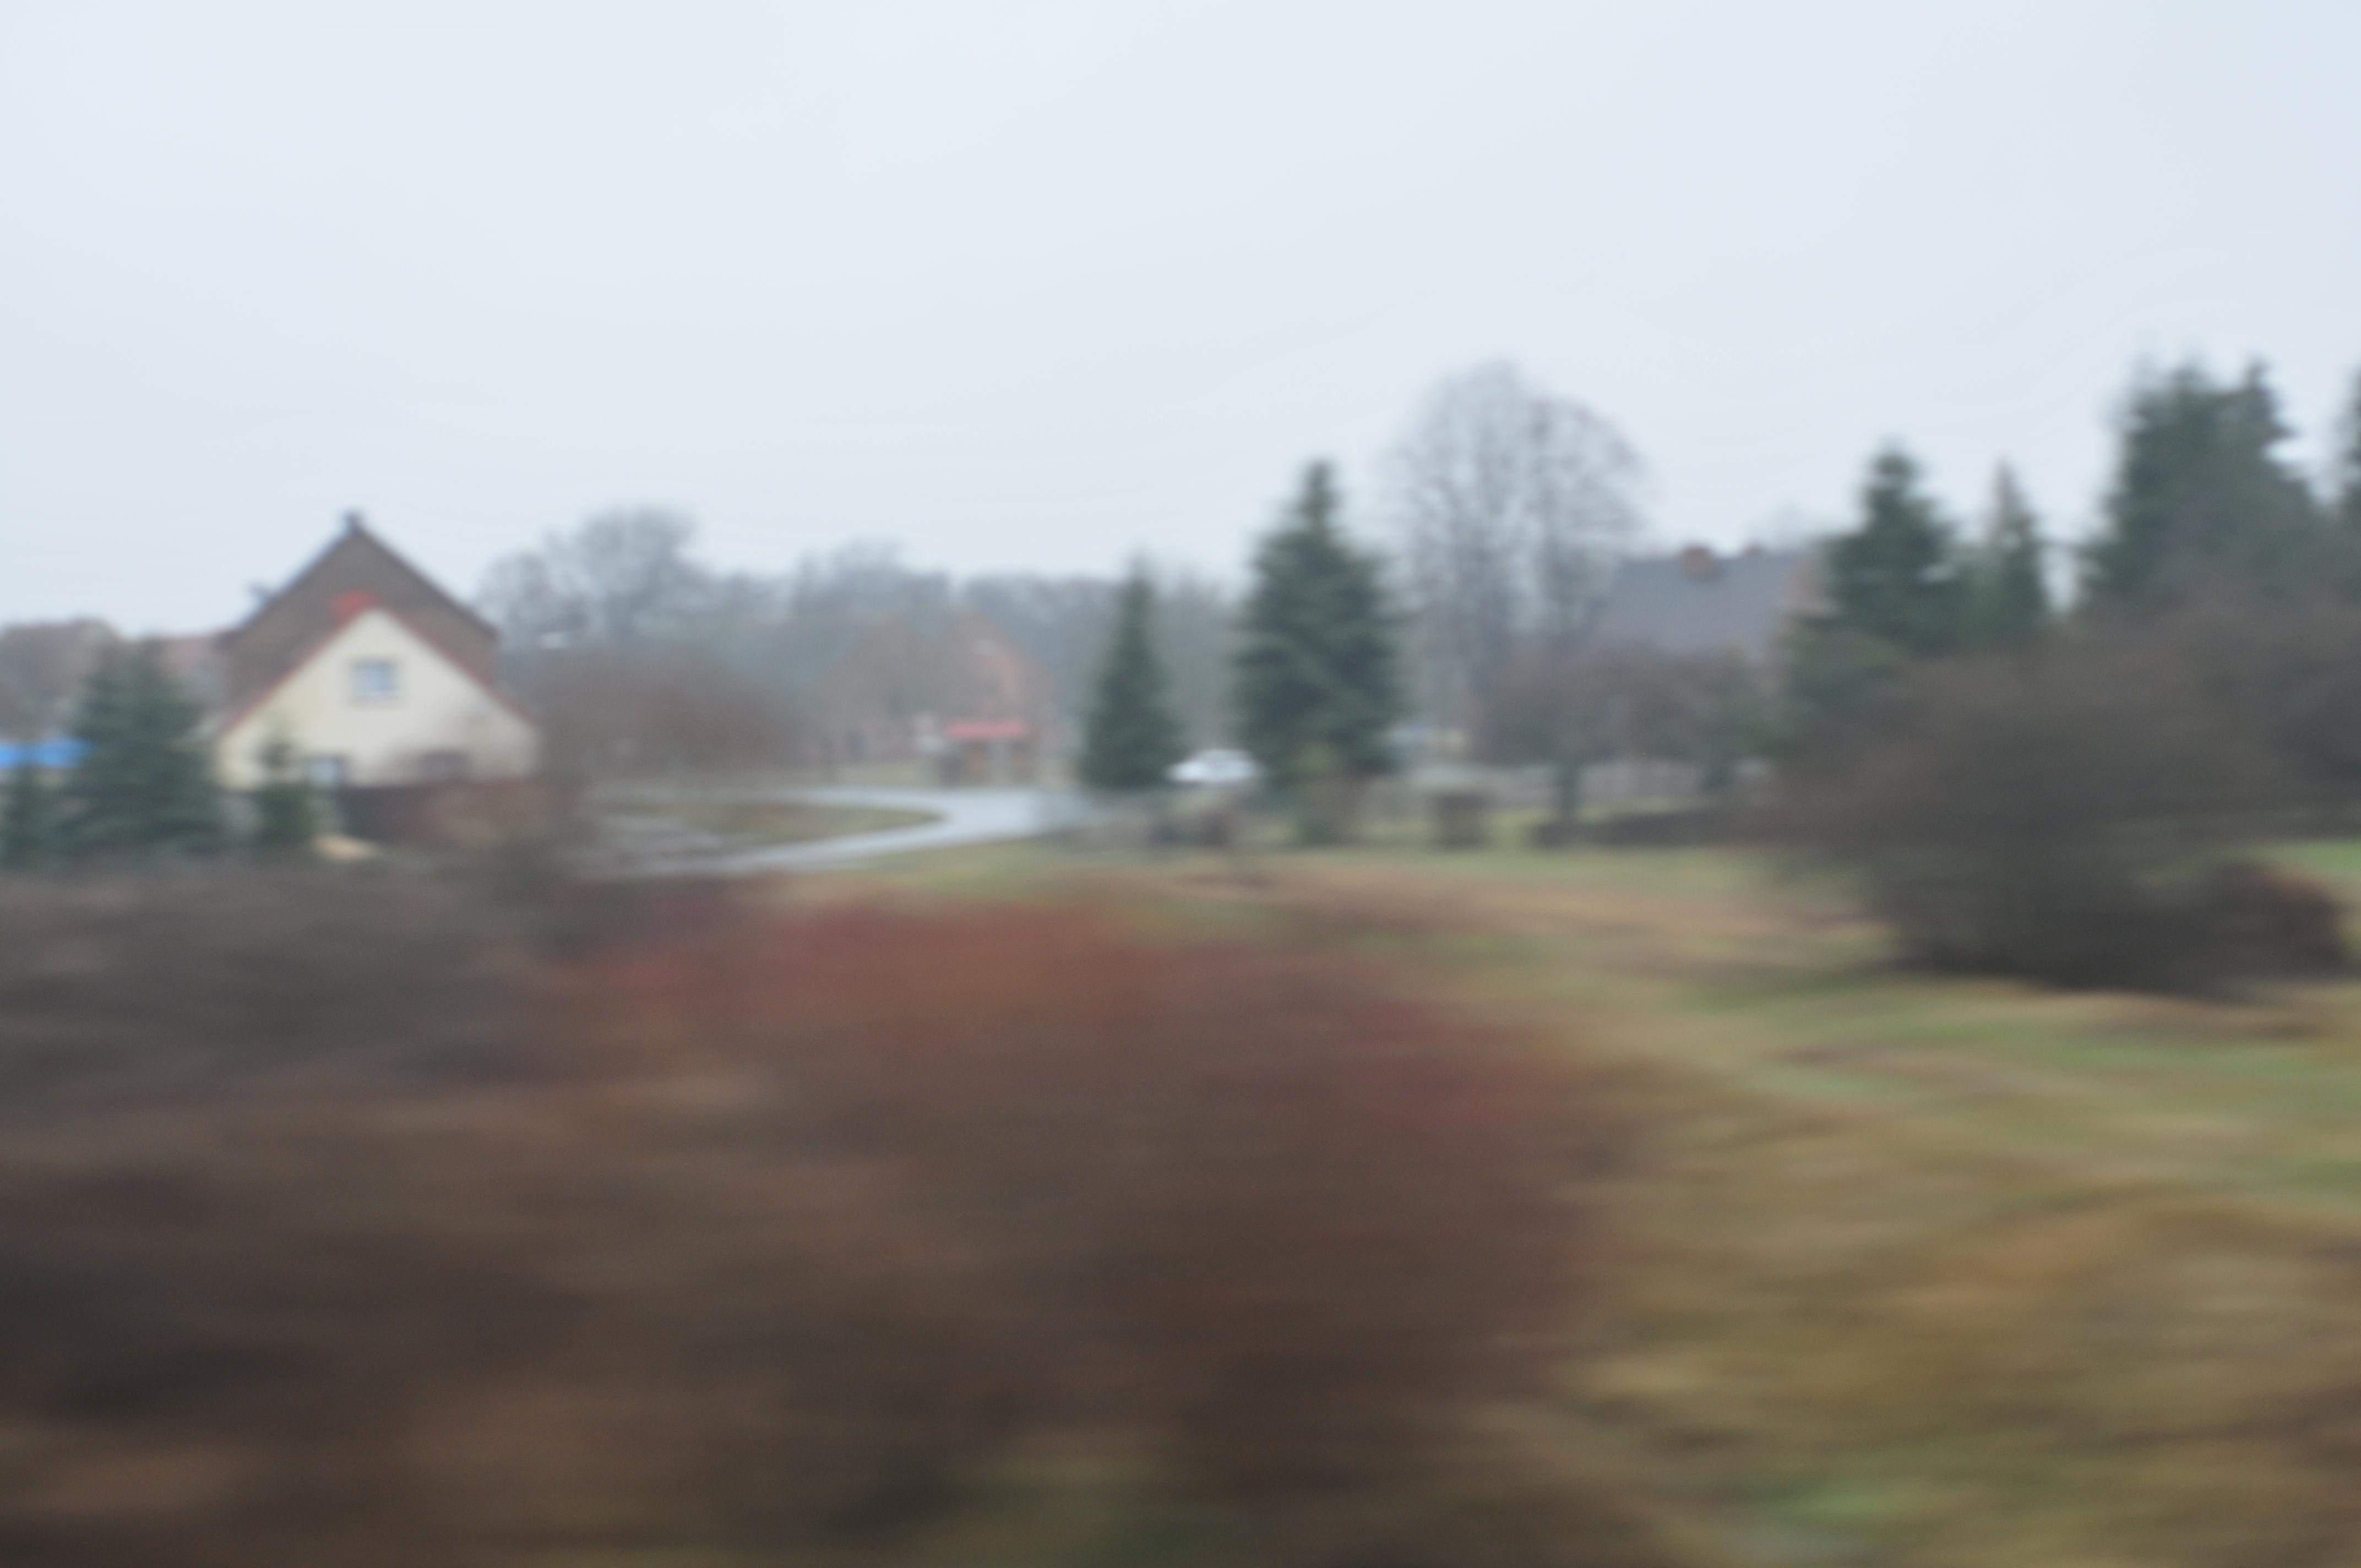 13-01-09-test-solmeta-n3-015.jpg